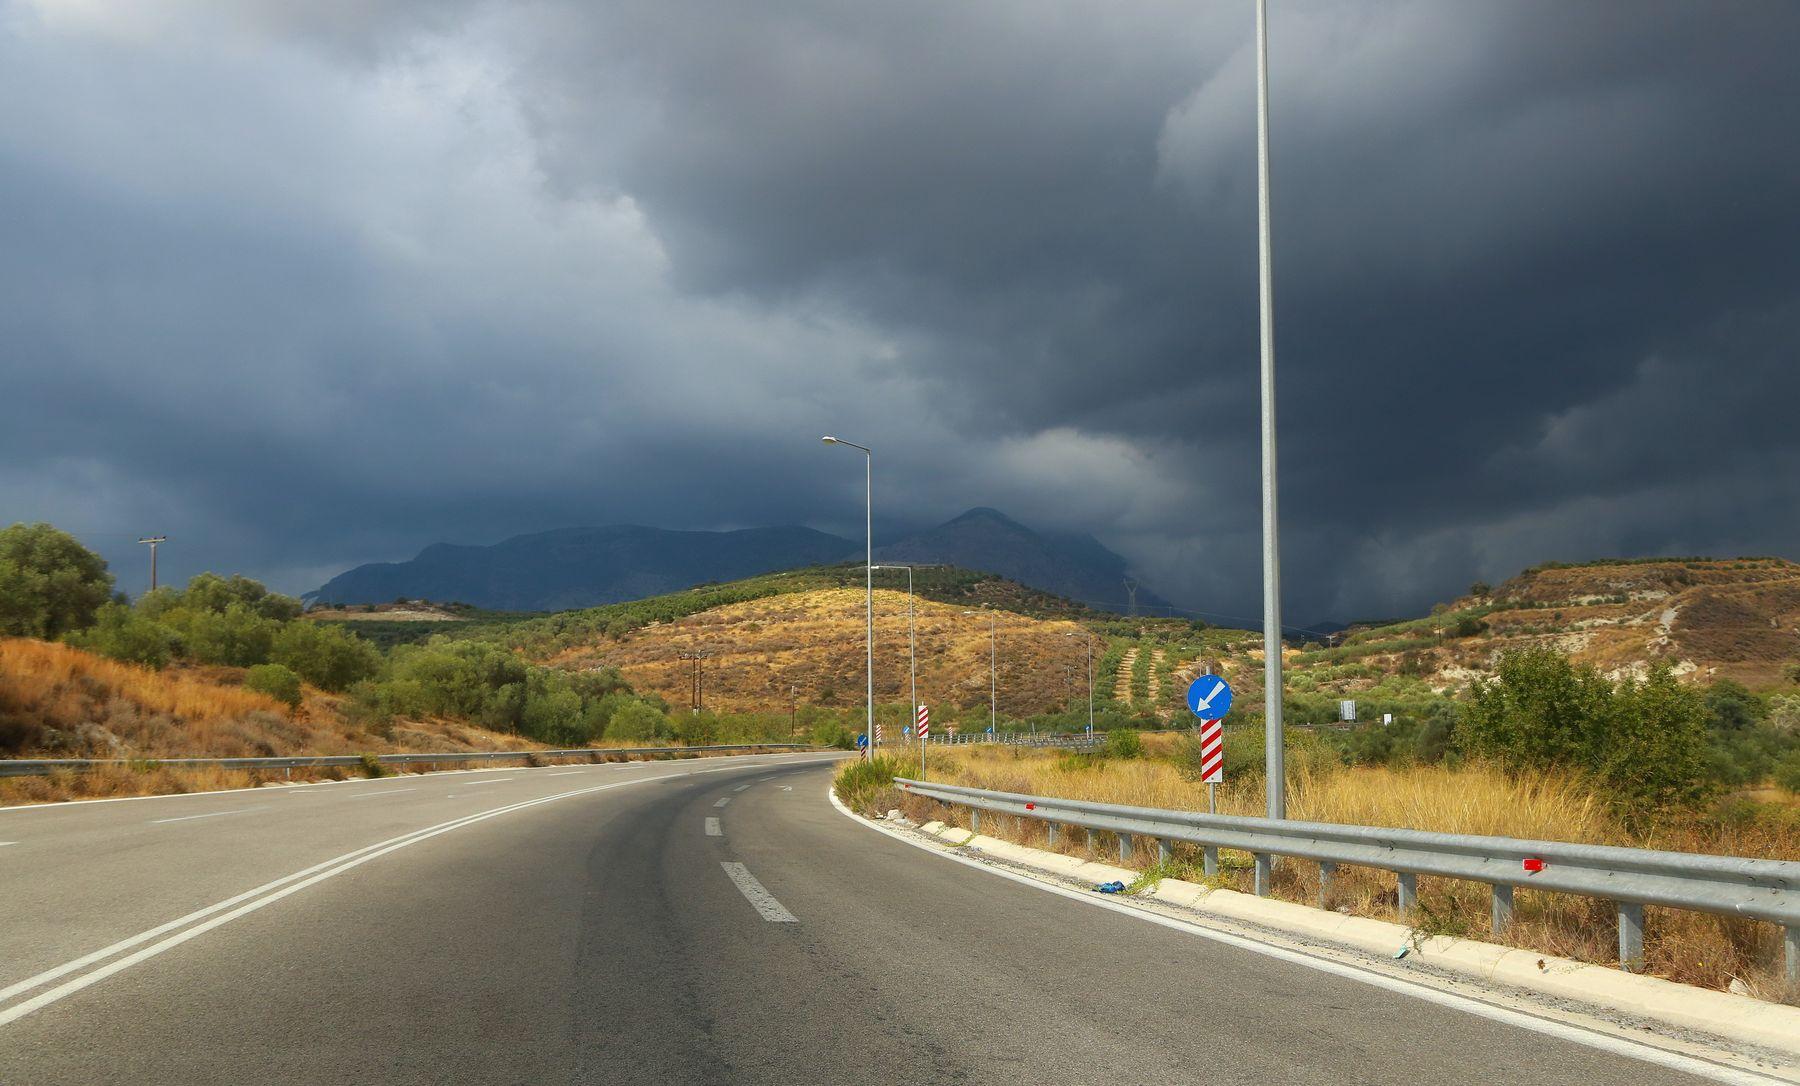 Дорога в непогоду ... дорога гроза путешествие